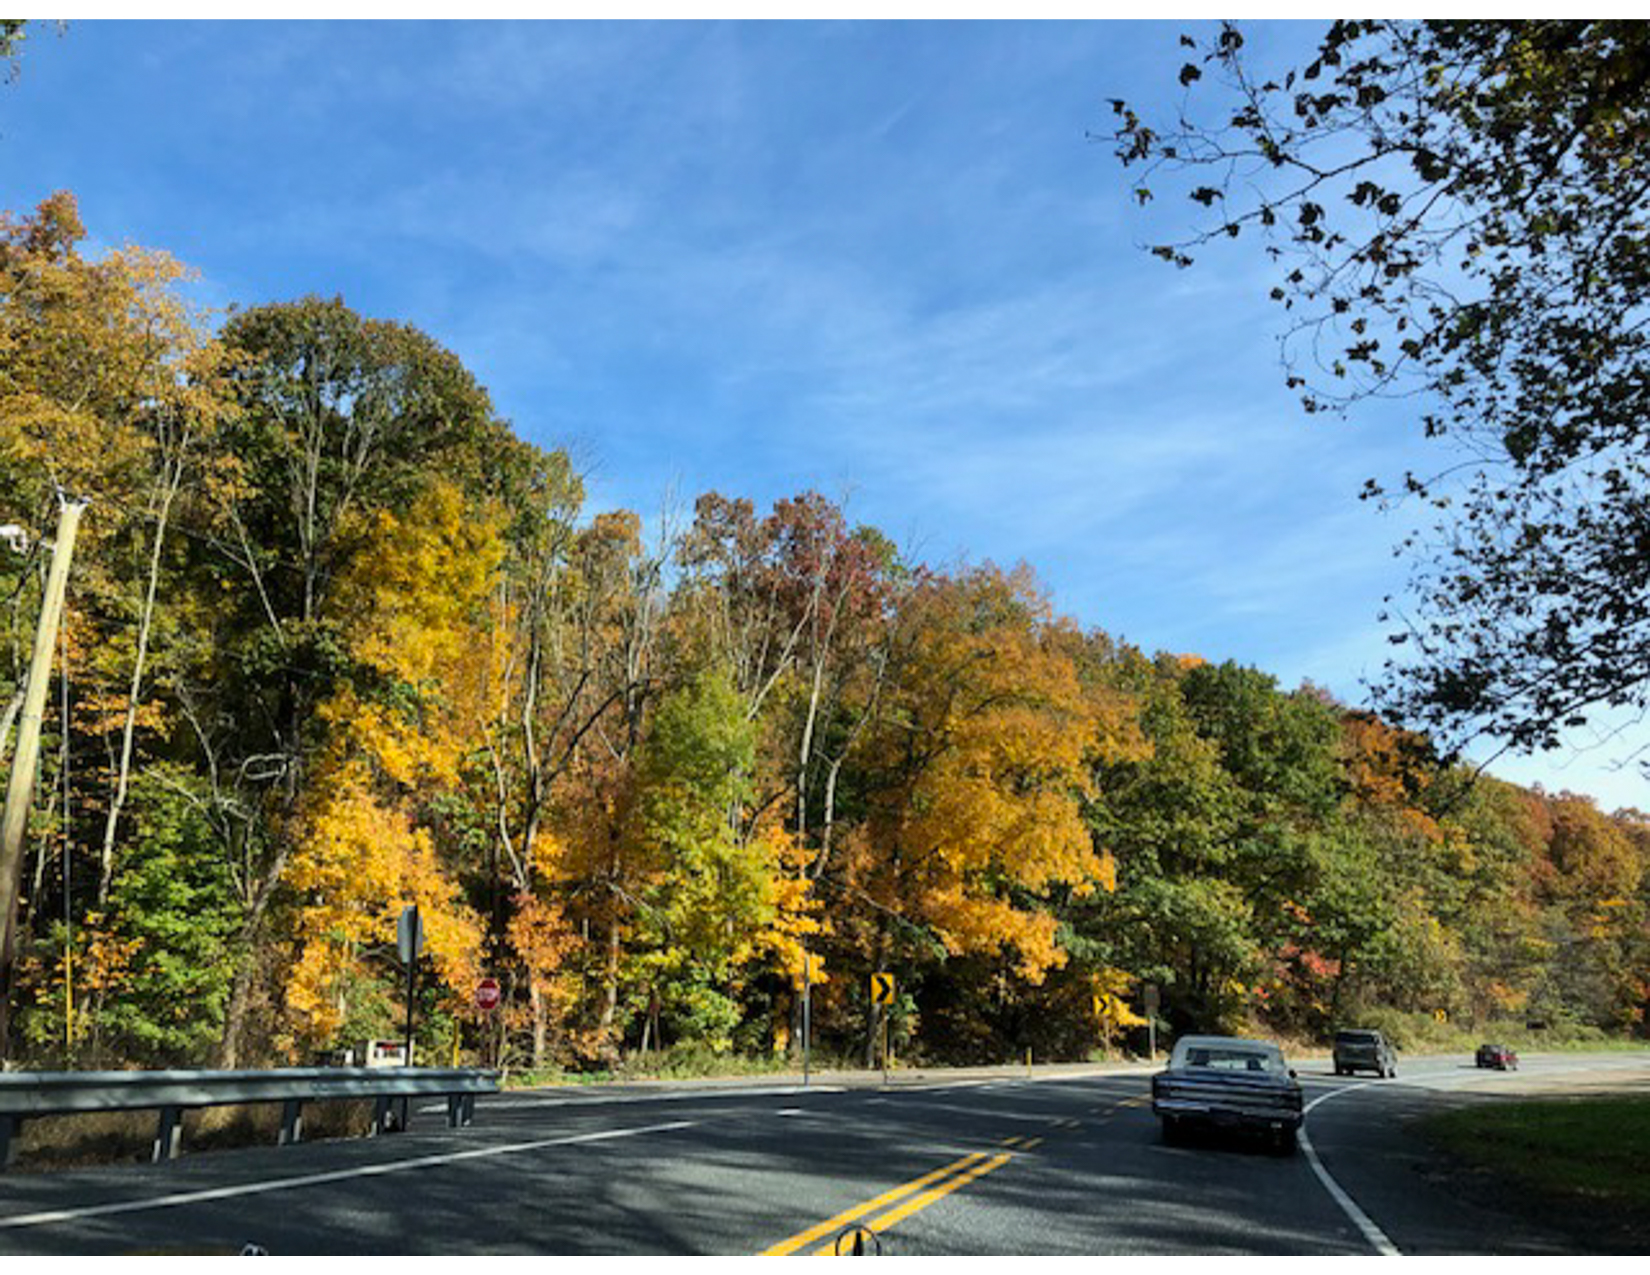 Fall-Foliage-B-05